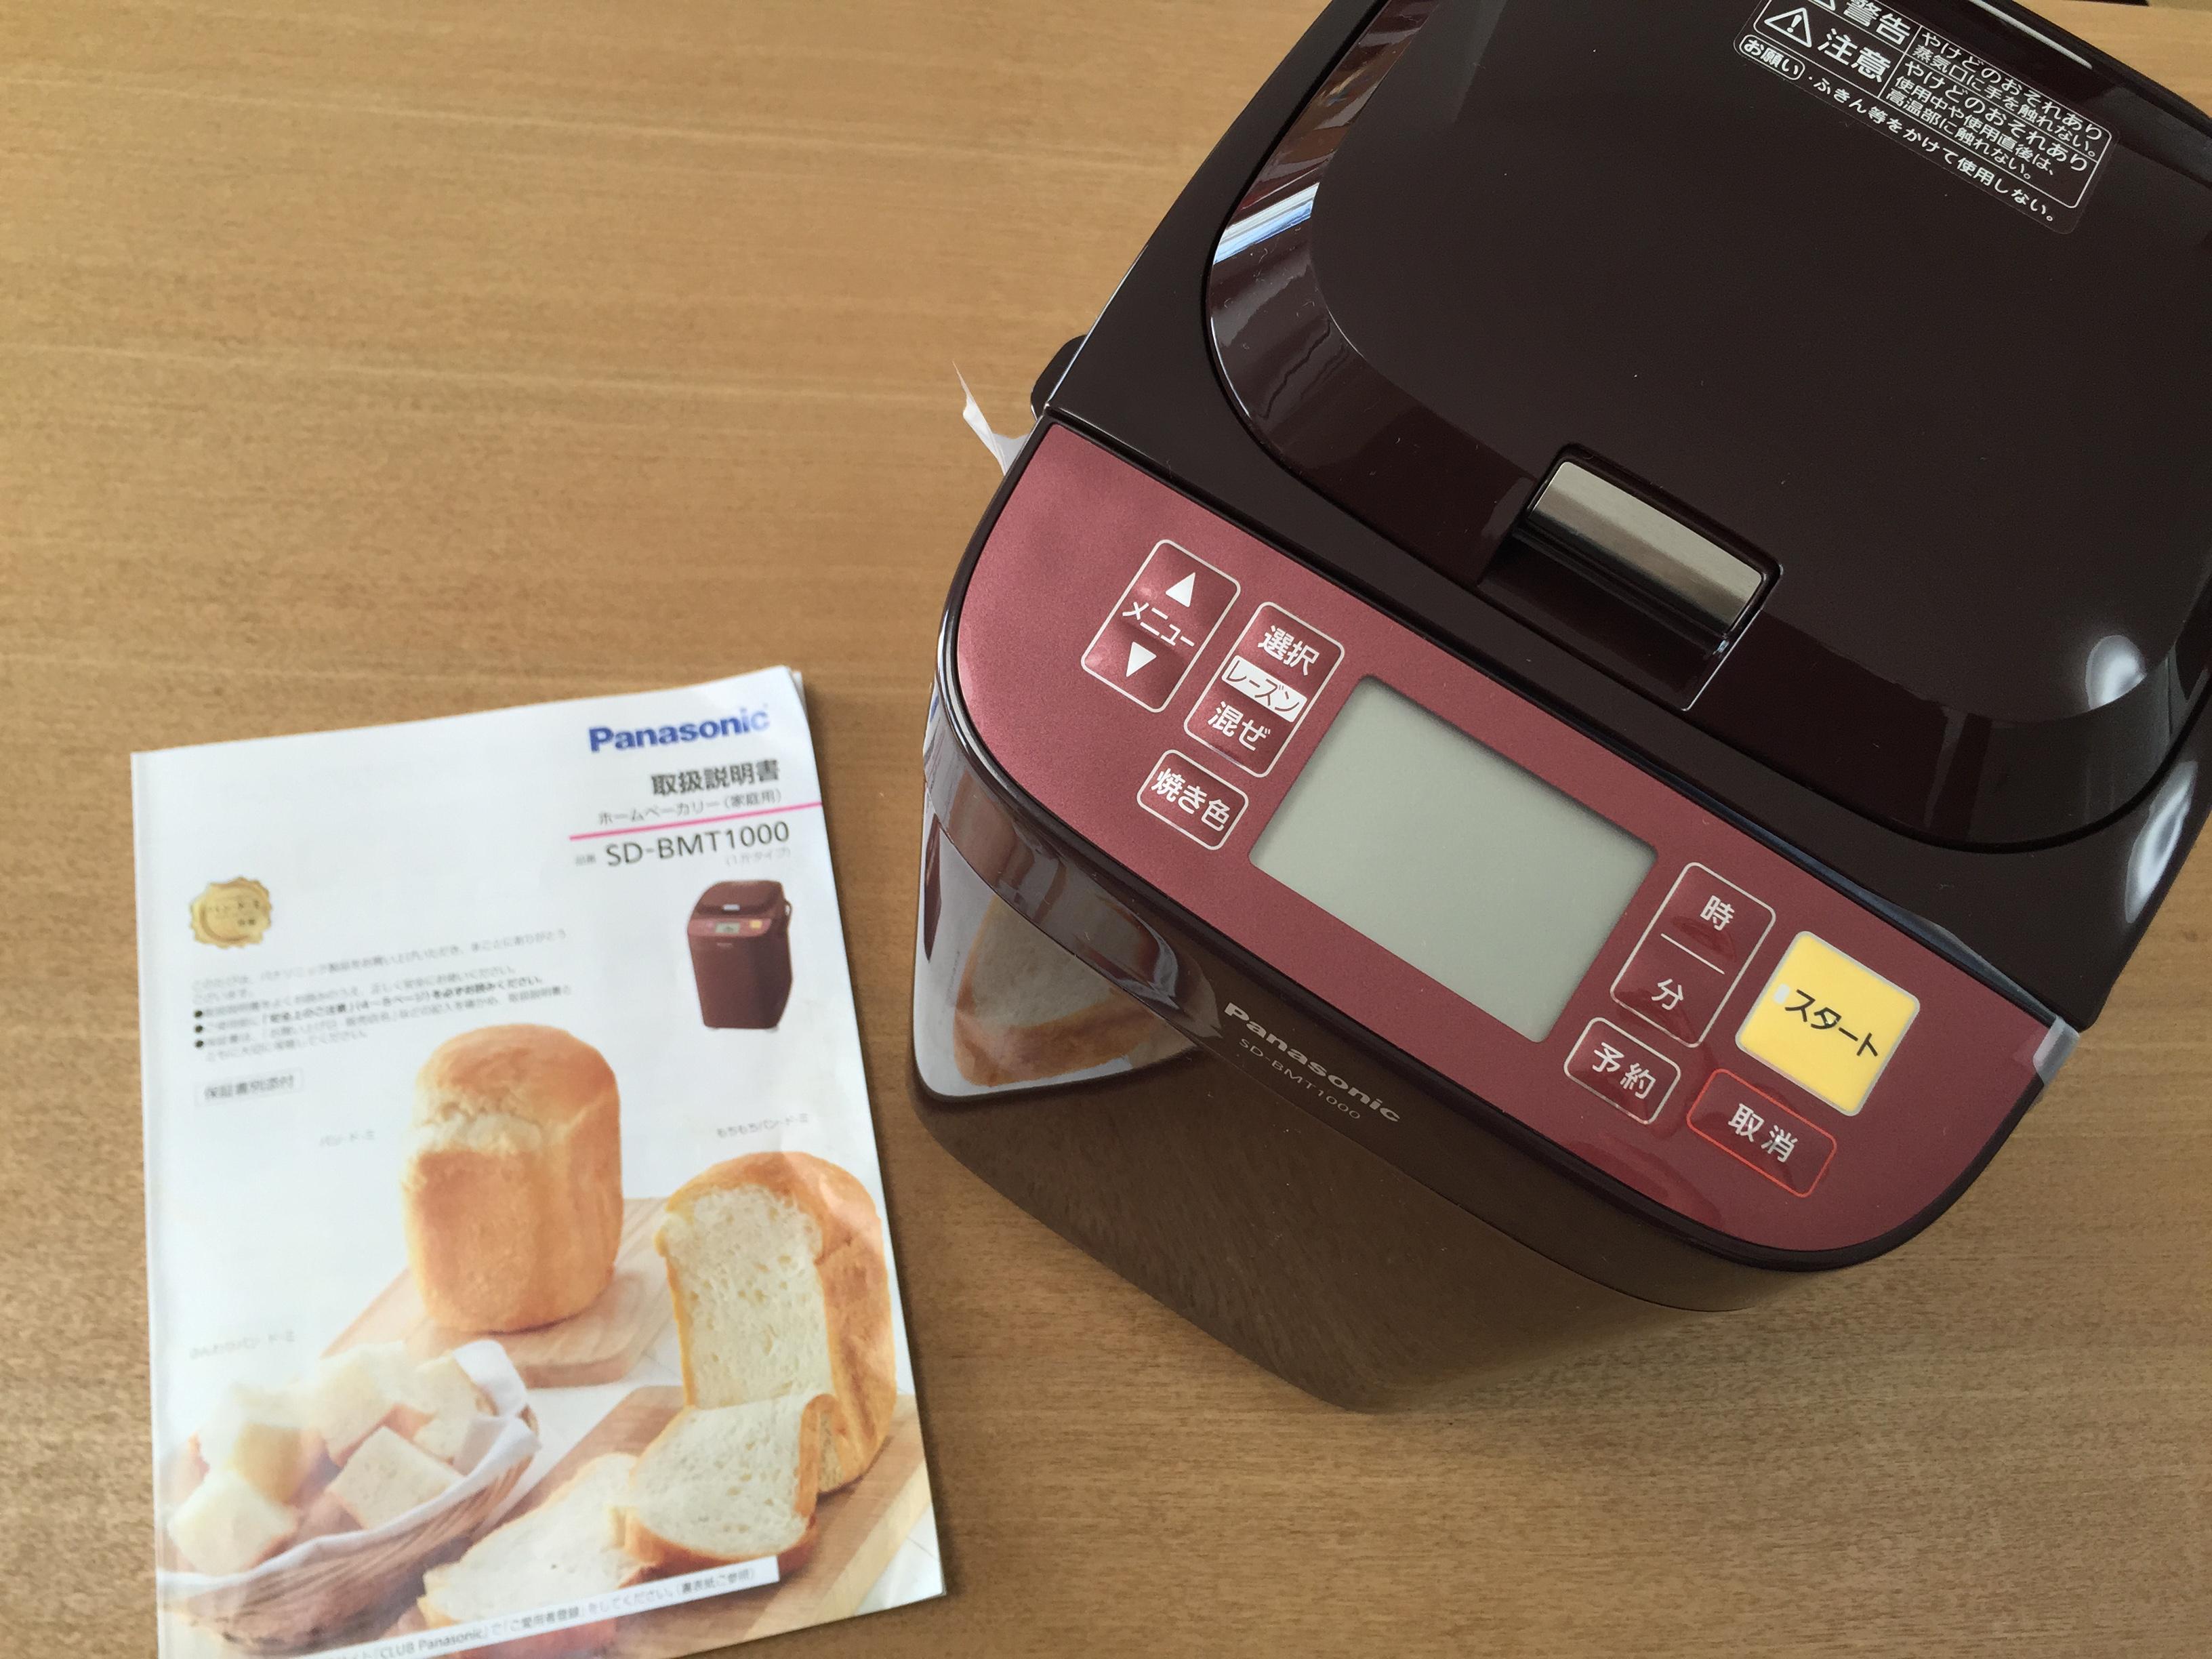 「Panasonic ホームベカリー SD-BMT1000」の購入レビュー。